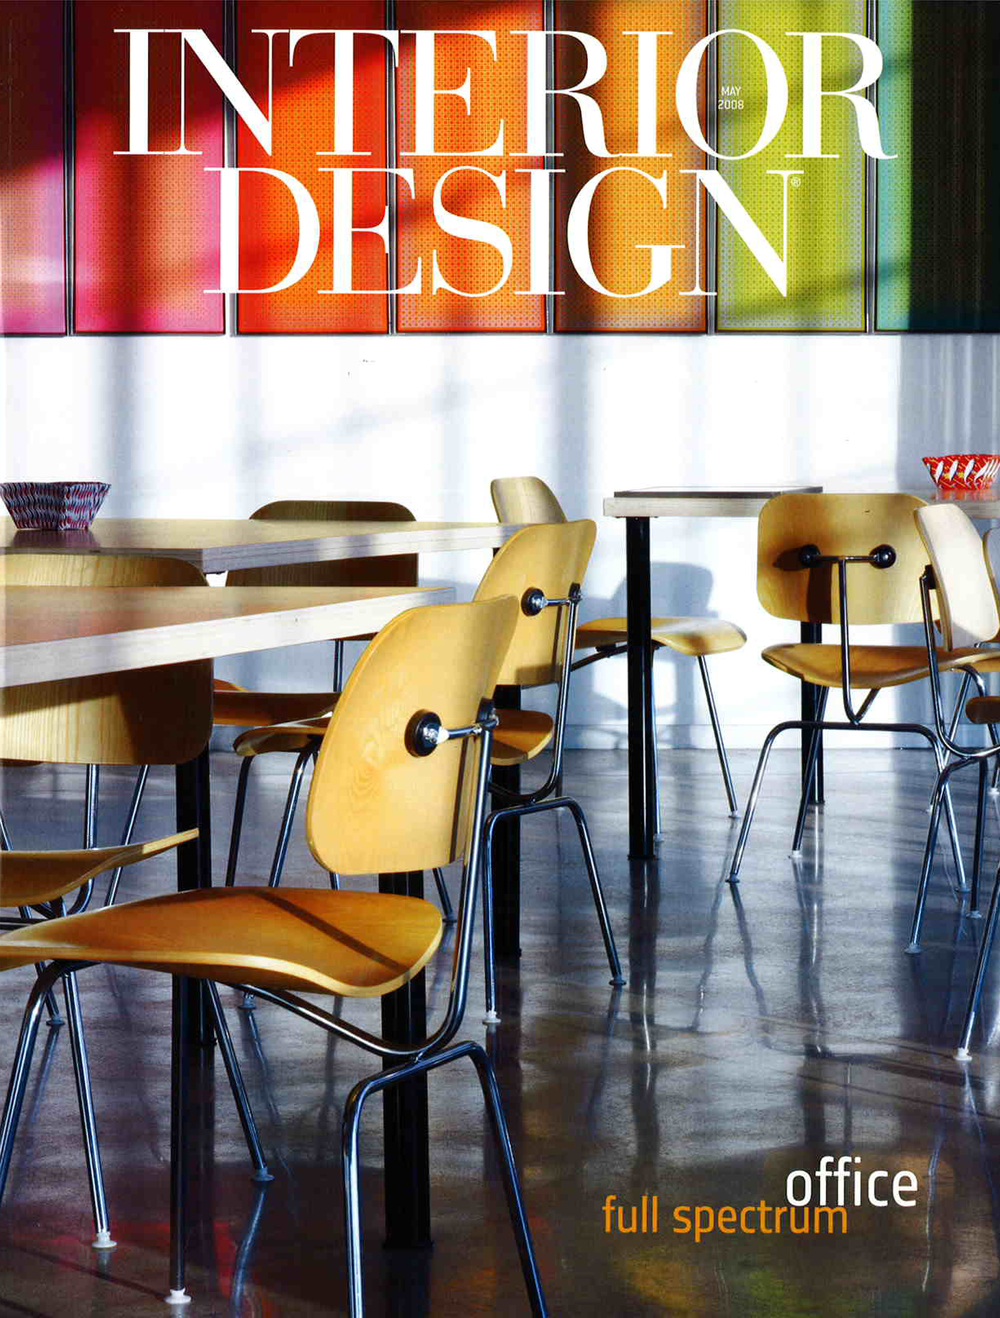 Interior Deisgn - page1.jpg